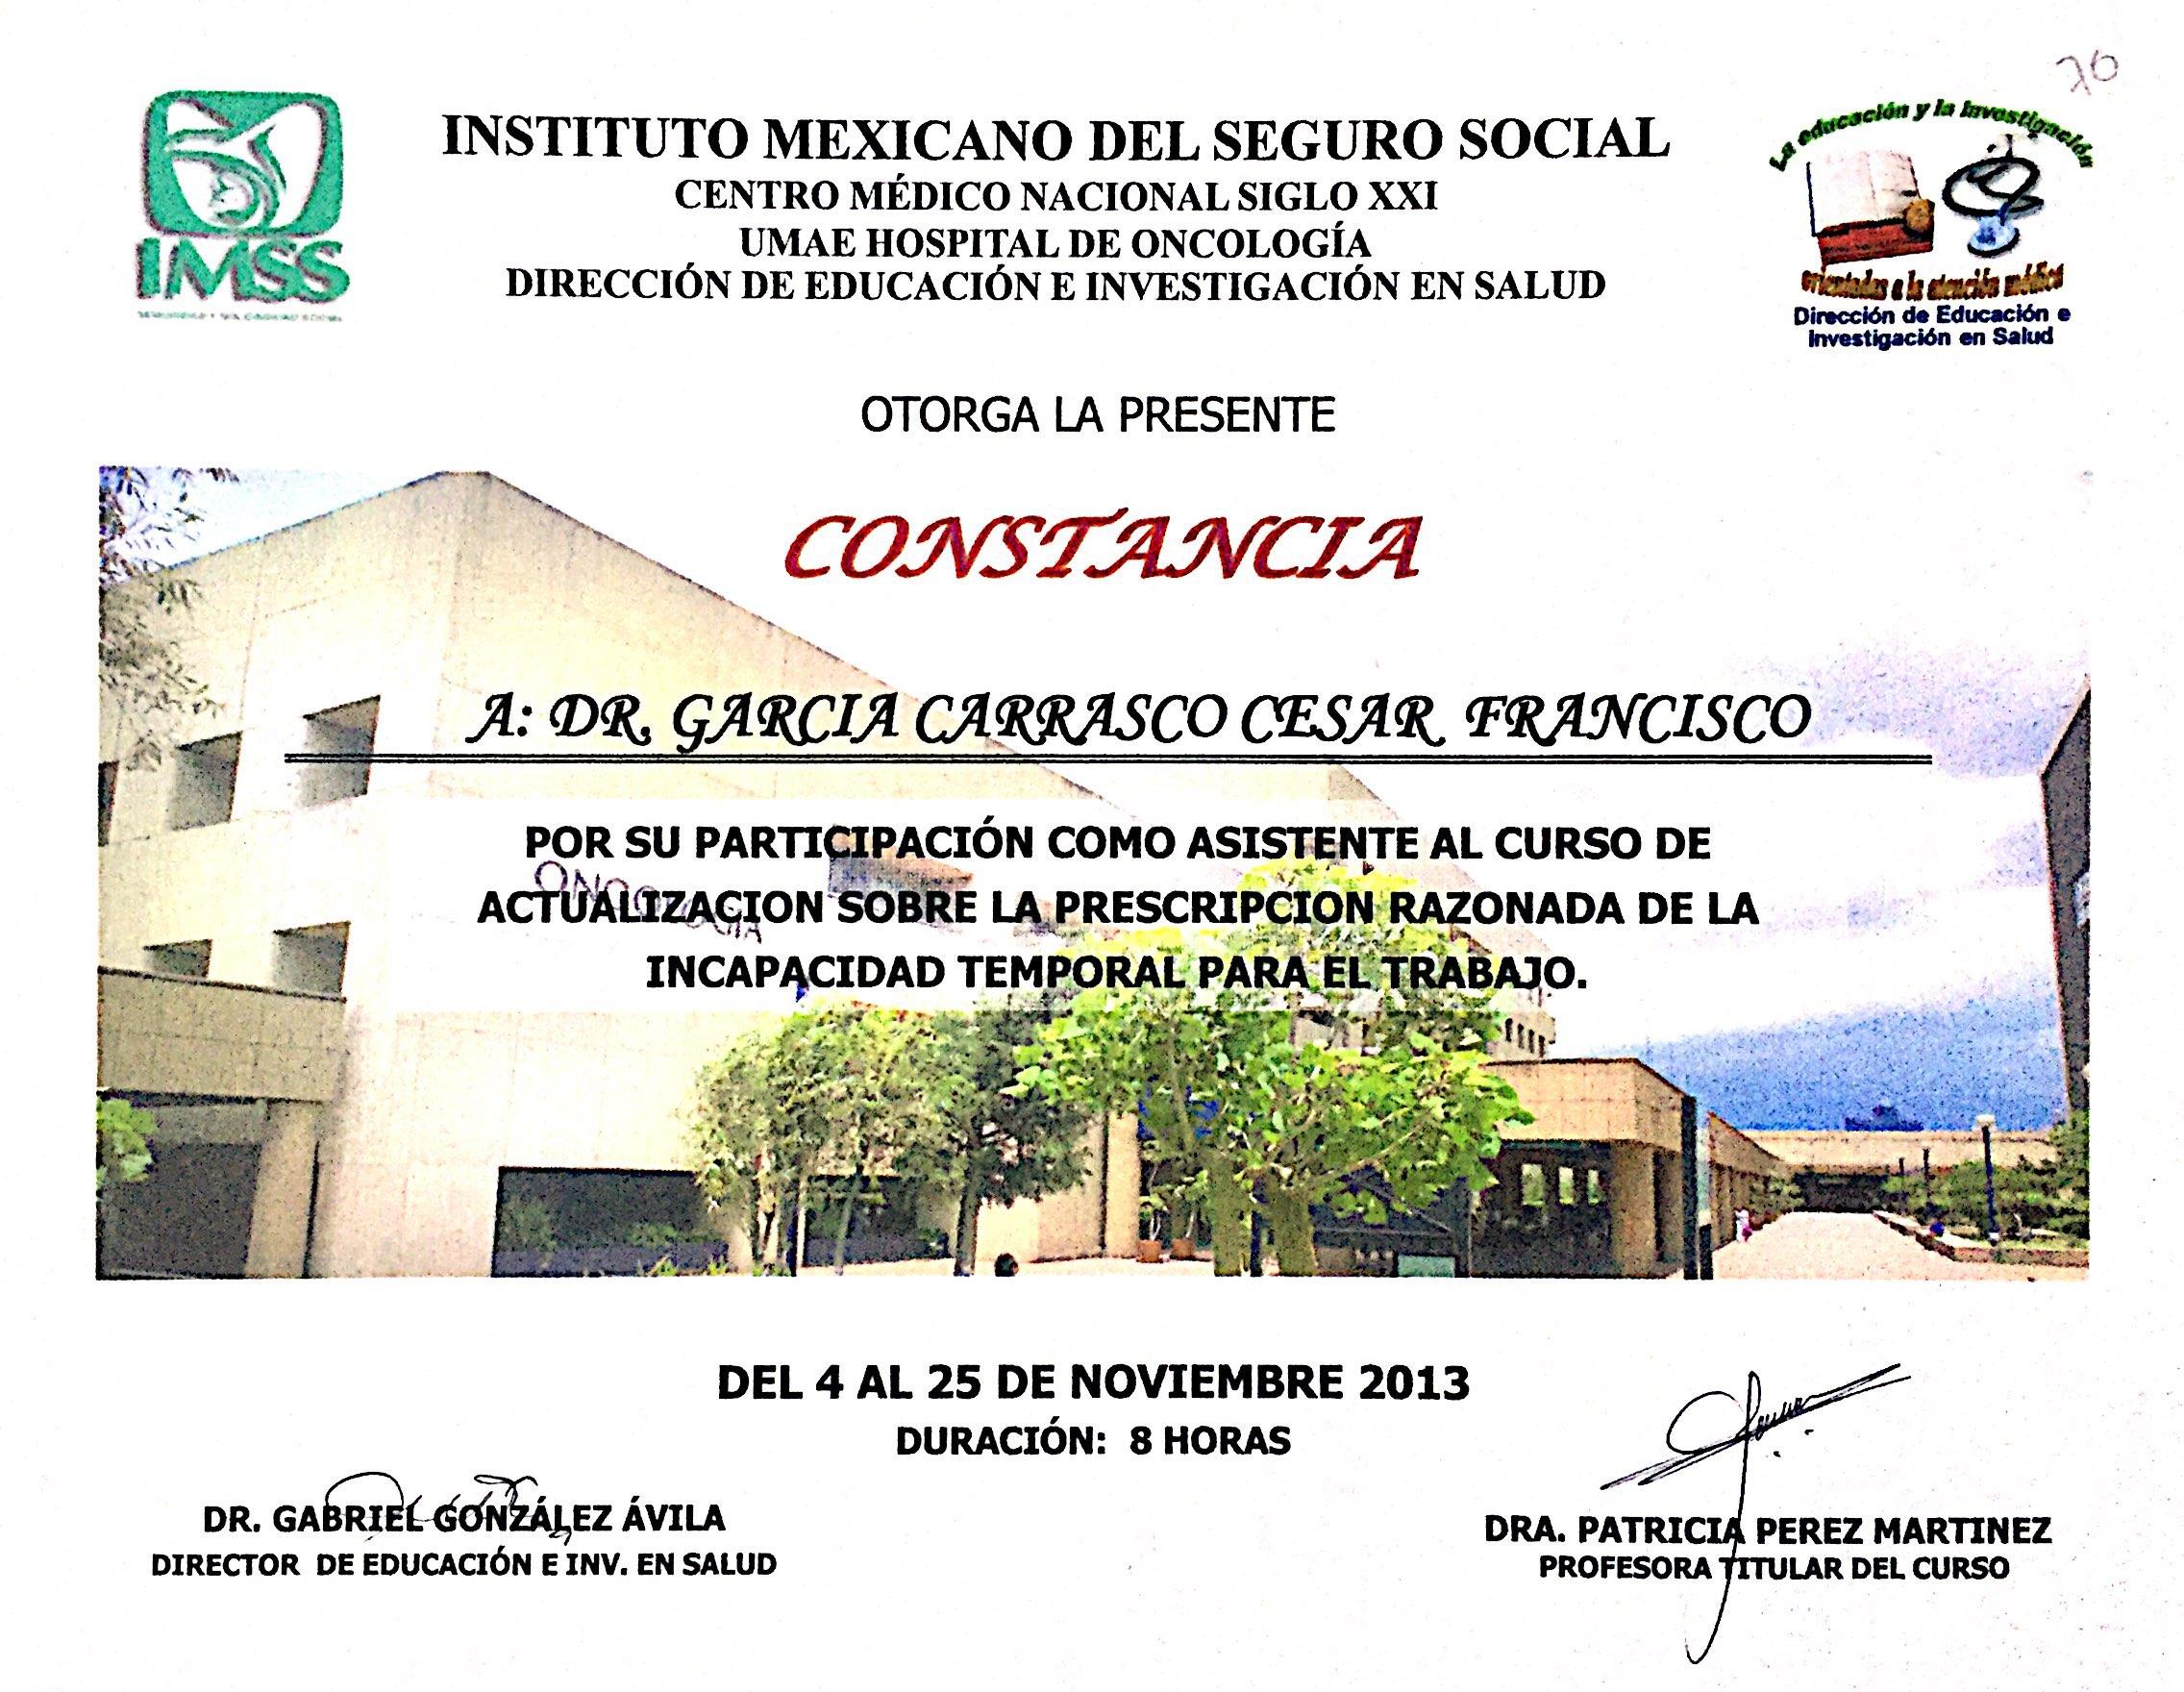 Dr. Garcia Carrazco_77